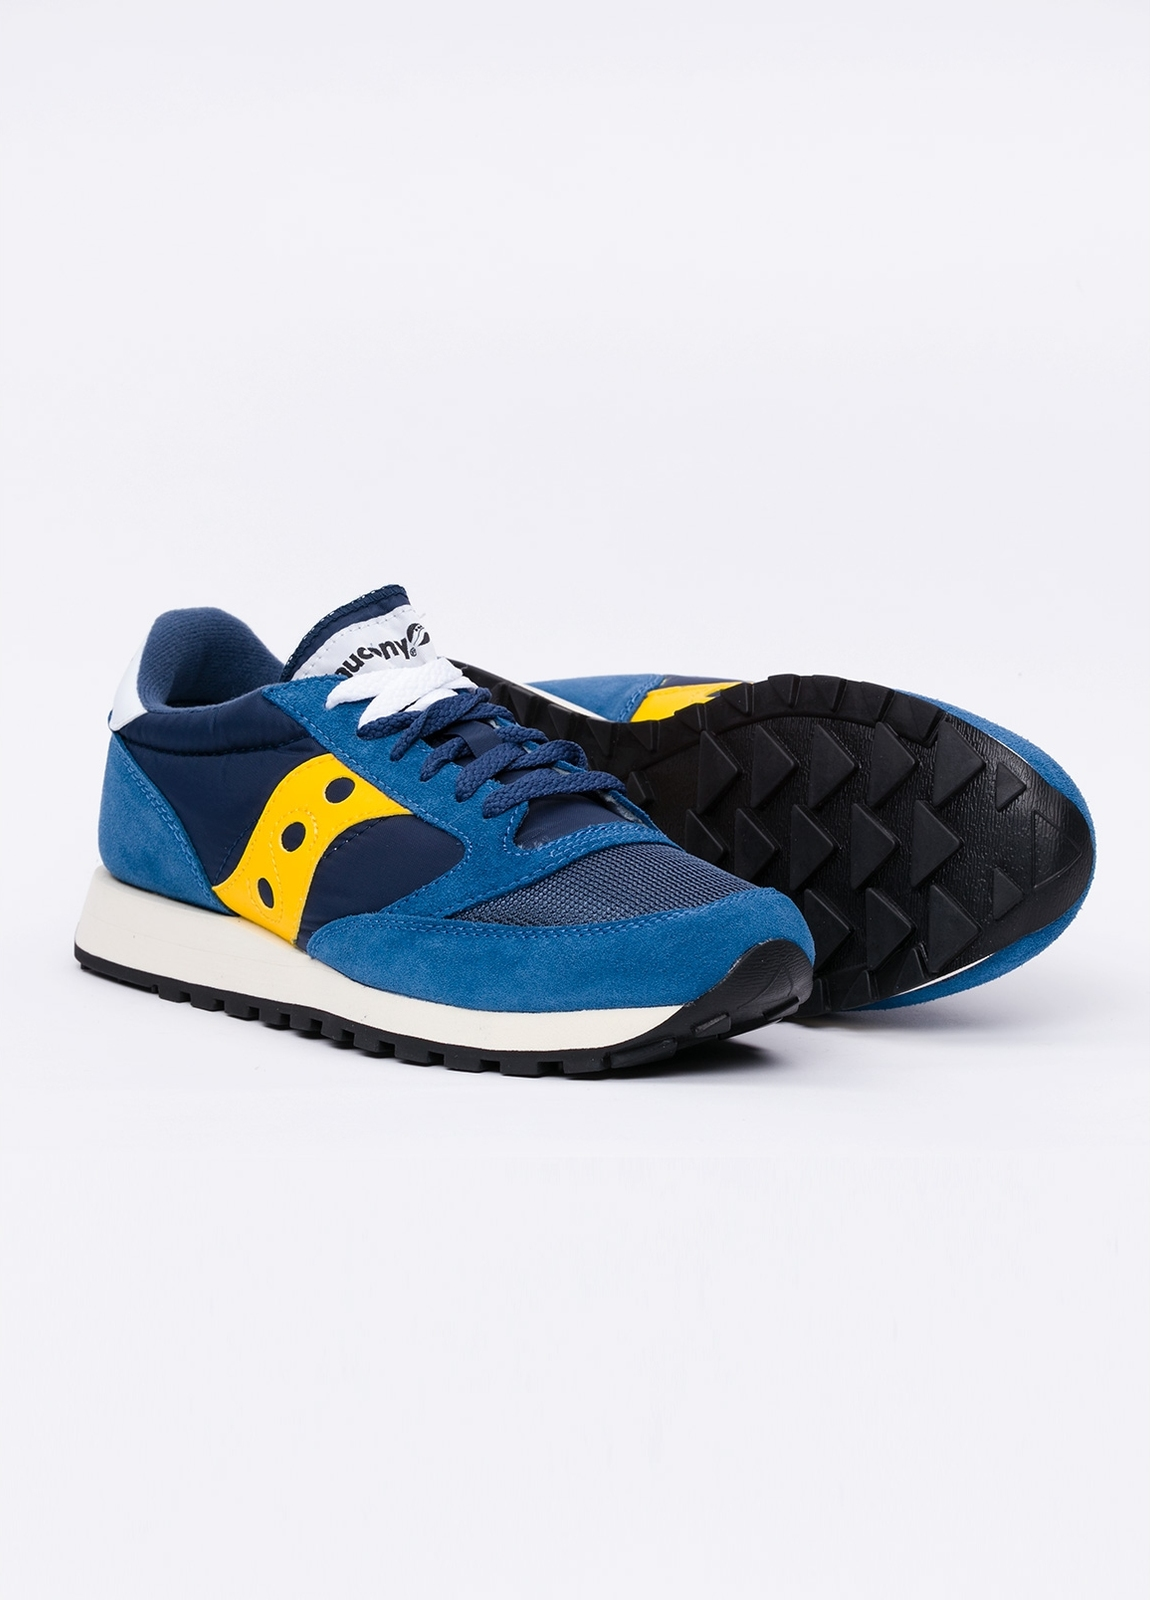 Calzado sport JAZZ OR VINT color azul con detalles amarillos, combinación de serraje y tejido técnico. - Ítem2